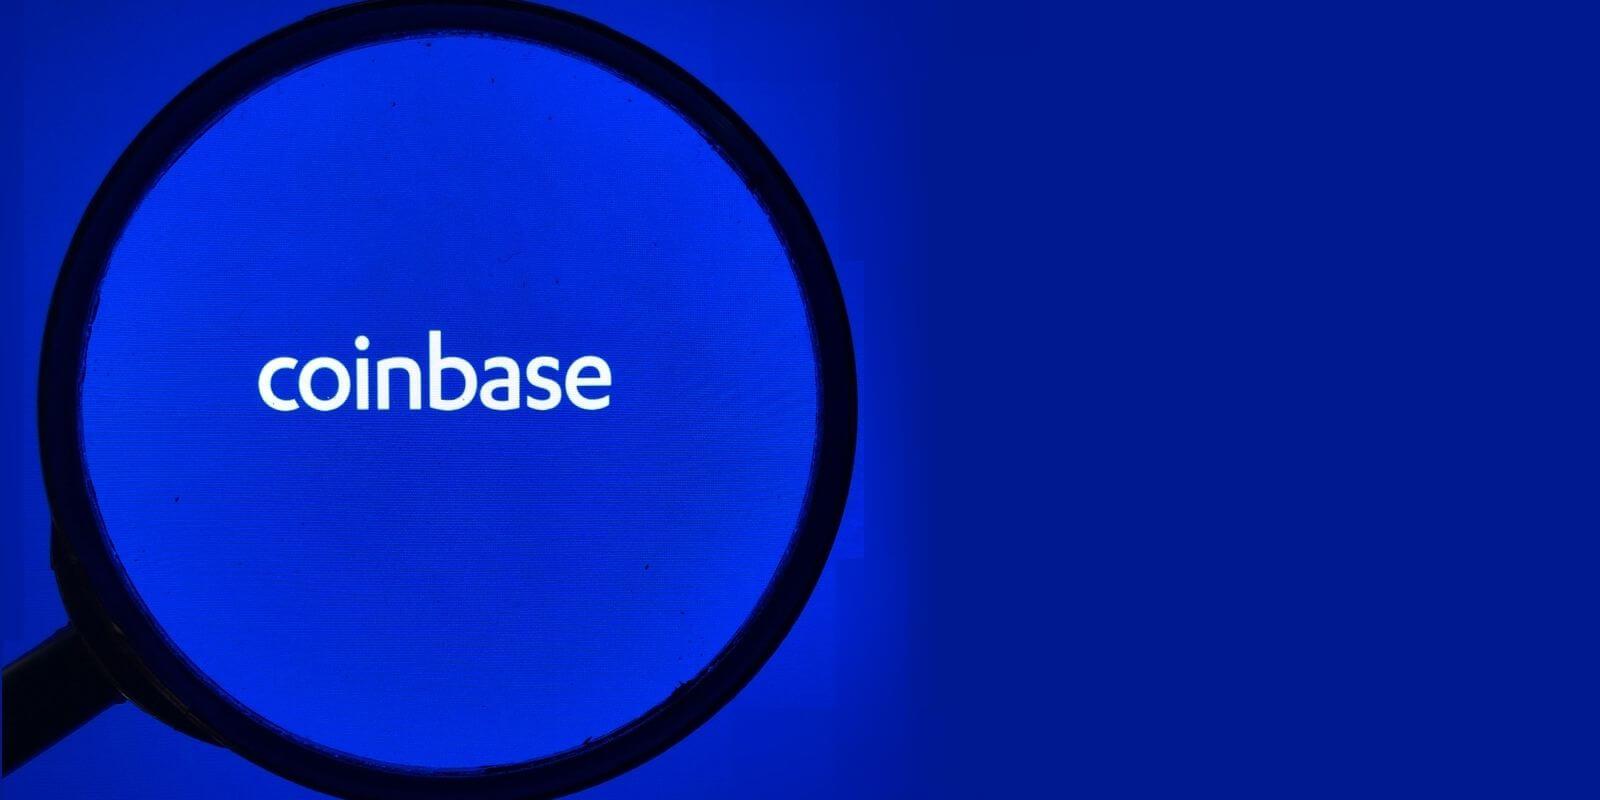 Coinbase vend des données au gouvernement: les utilisateurs fuient